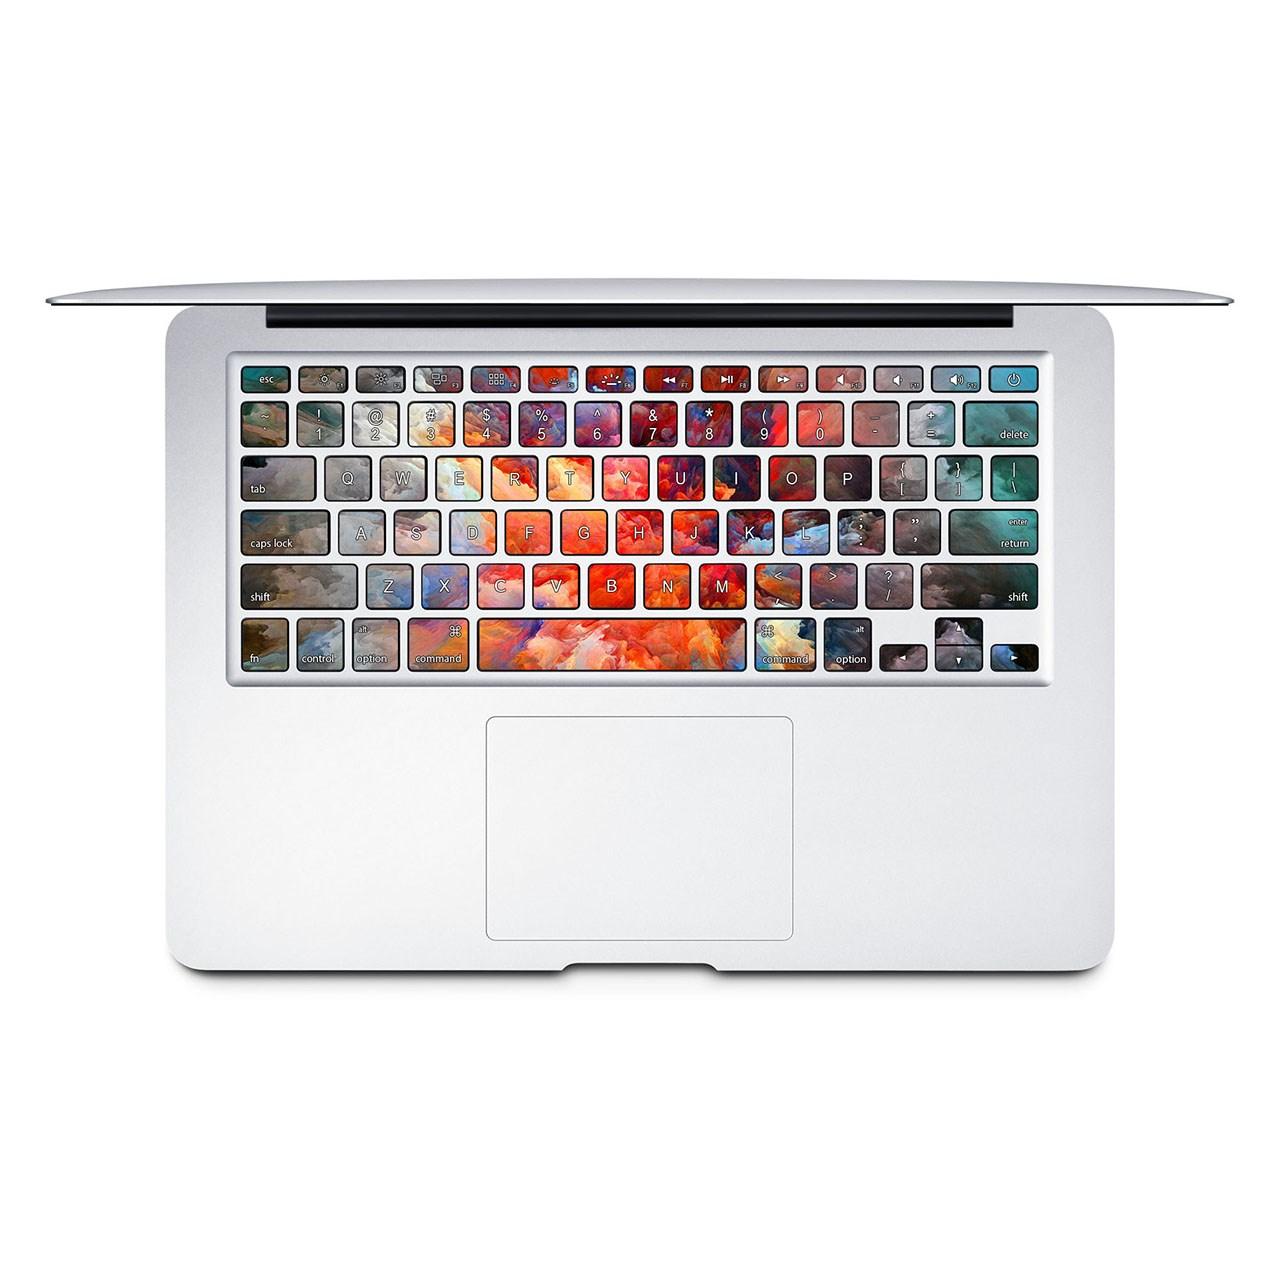 بررسی و {خرید با تخفیف} برچسب تزئینی کیبورد ونسونی مدل Color Splash Art مناسب برای مک بوک اصل